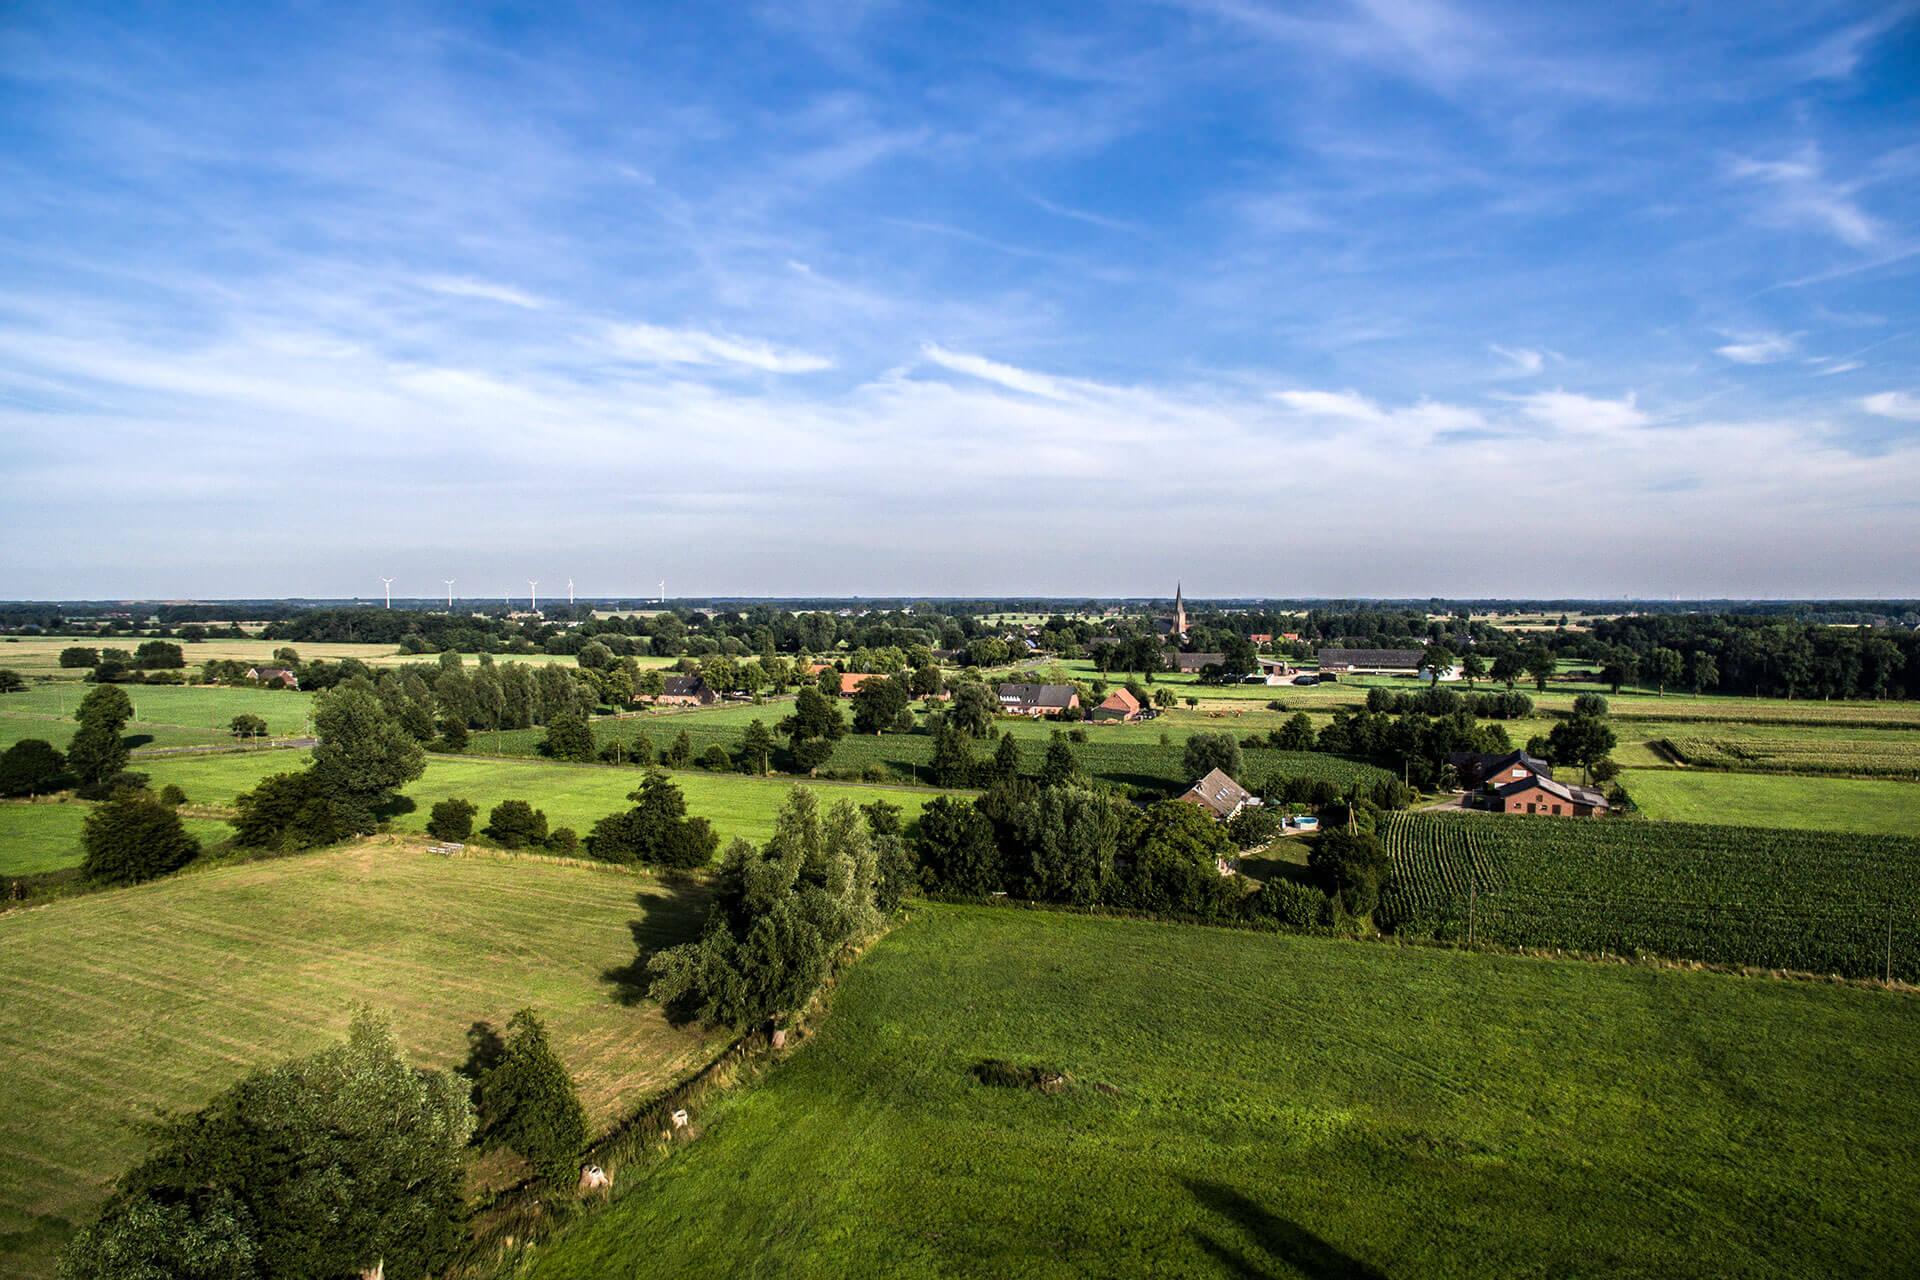 Luftbild von einer Landschaft in NRW